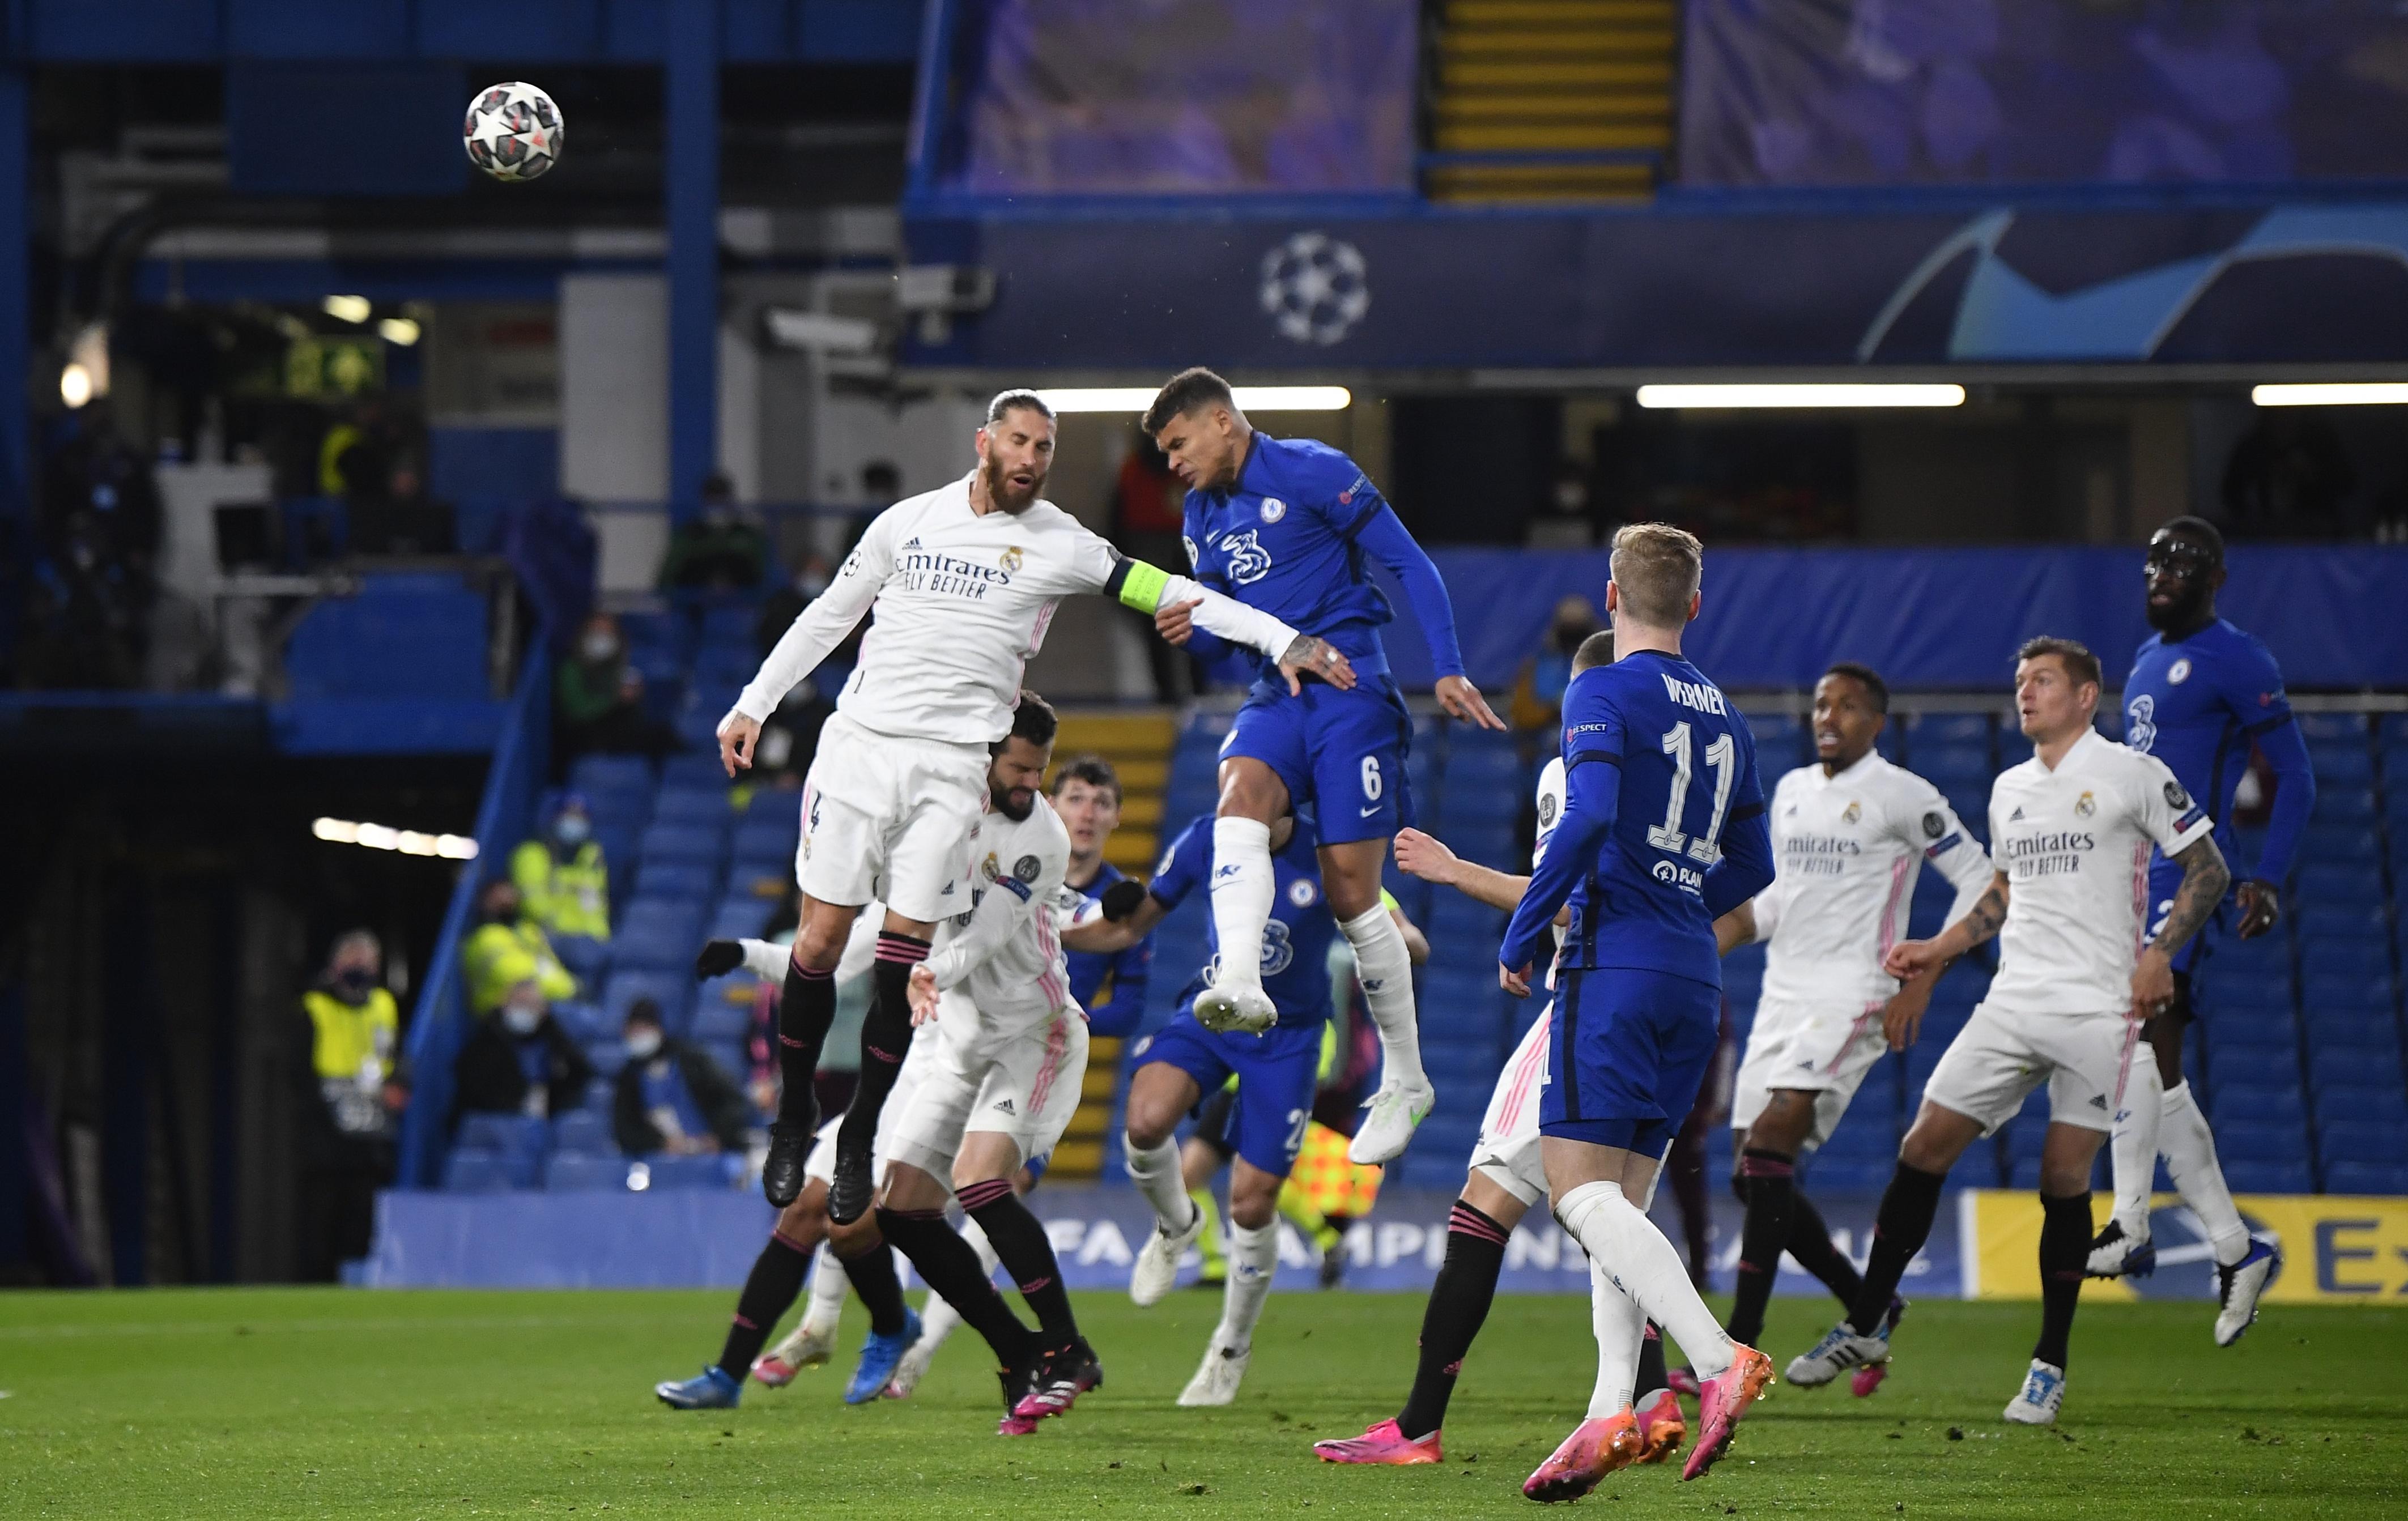 Второй английский финал Лиги чемпионов за 3 года: Челси отправил Реал отдыхать